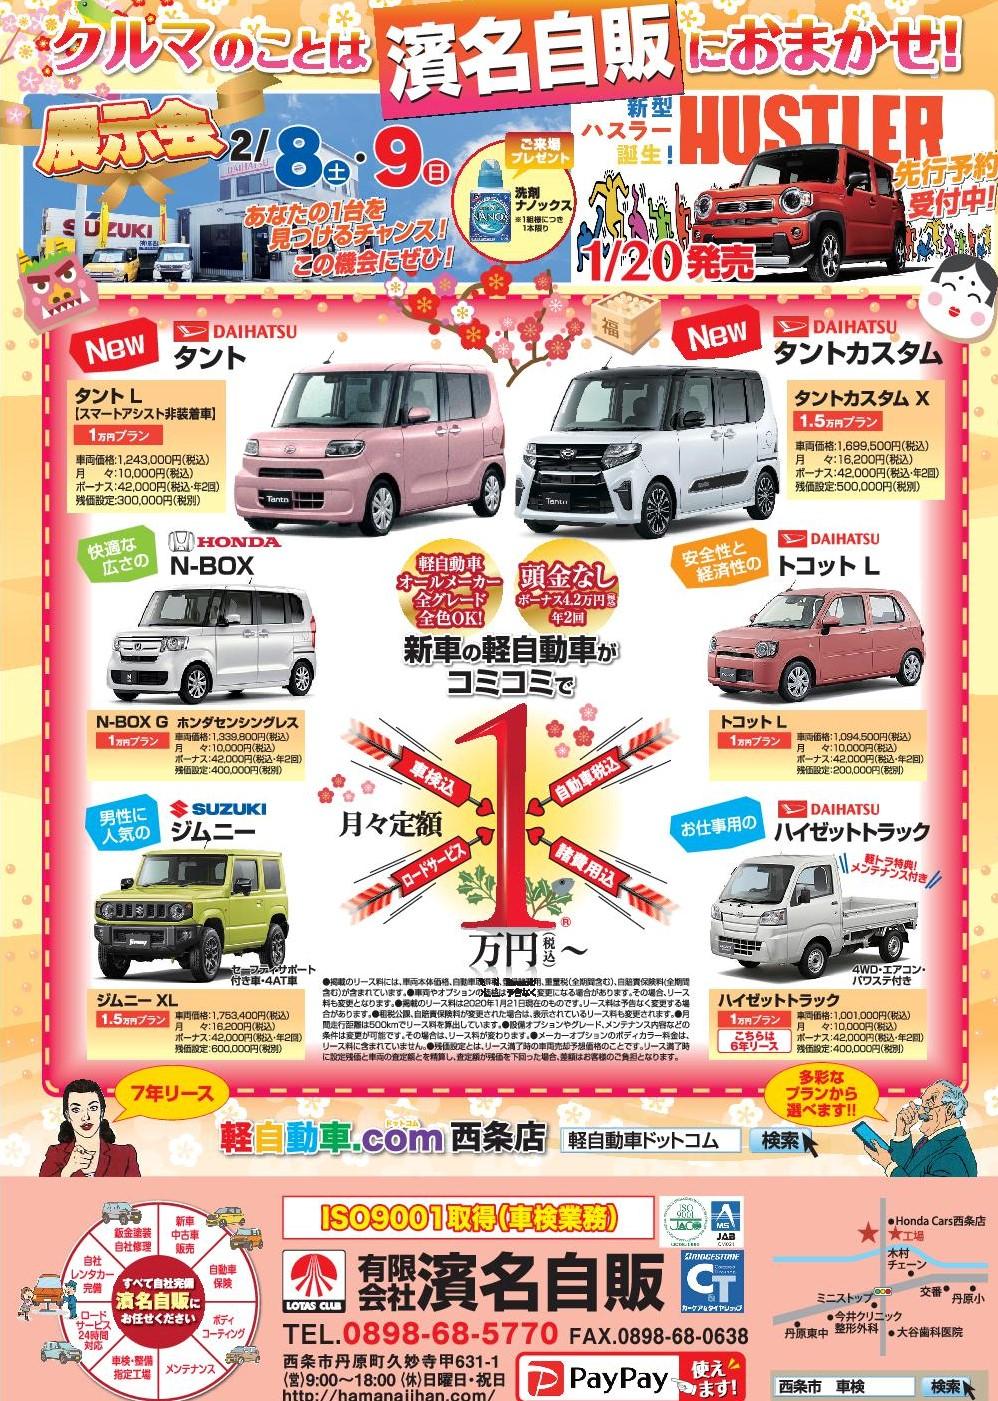 軽自動車.com西条店